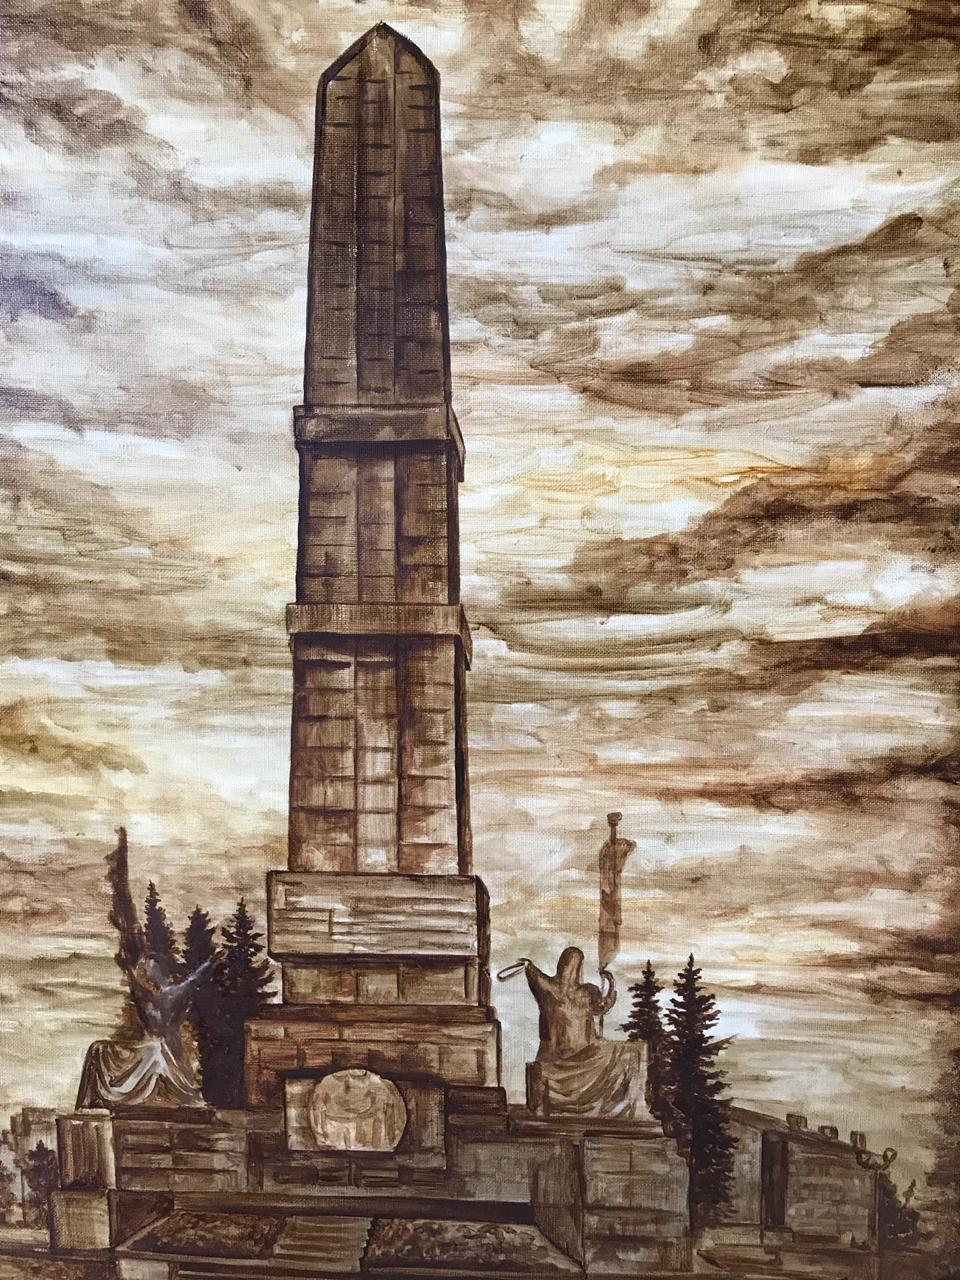 Выставка работ художника-самородка Марселя Шайдуллина на форуме «Газ. Нефть. Технологии»